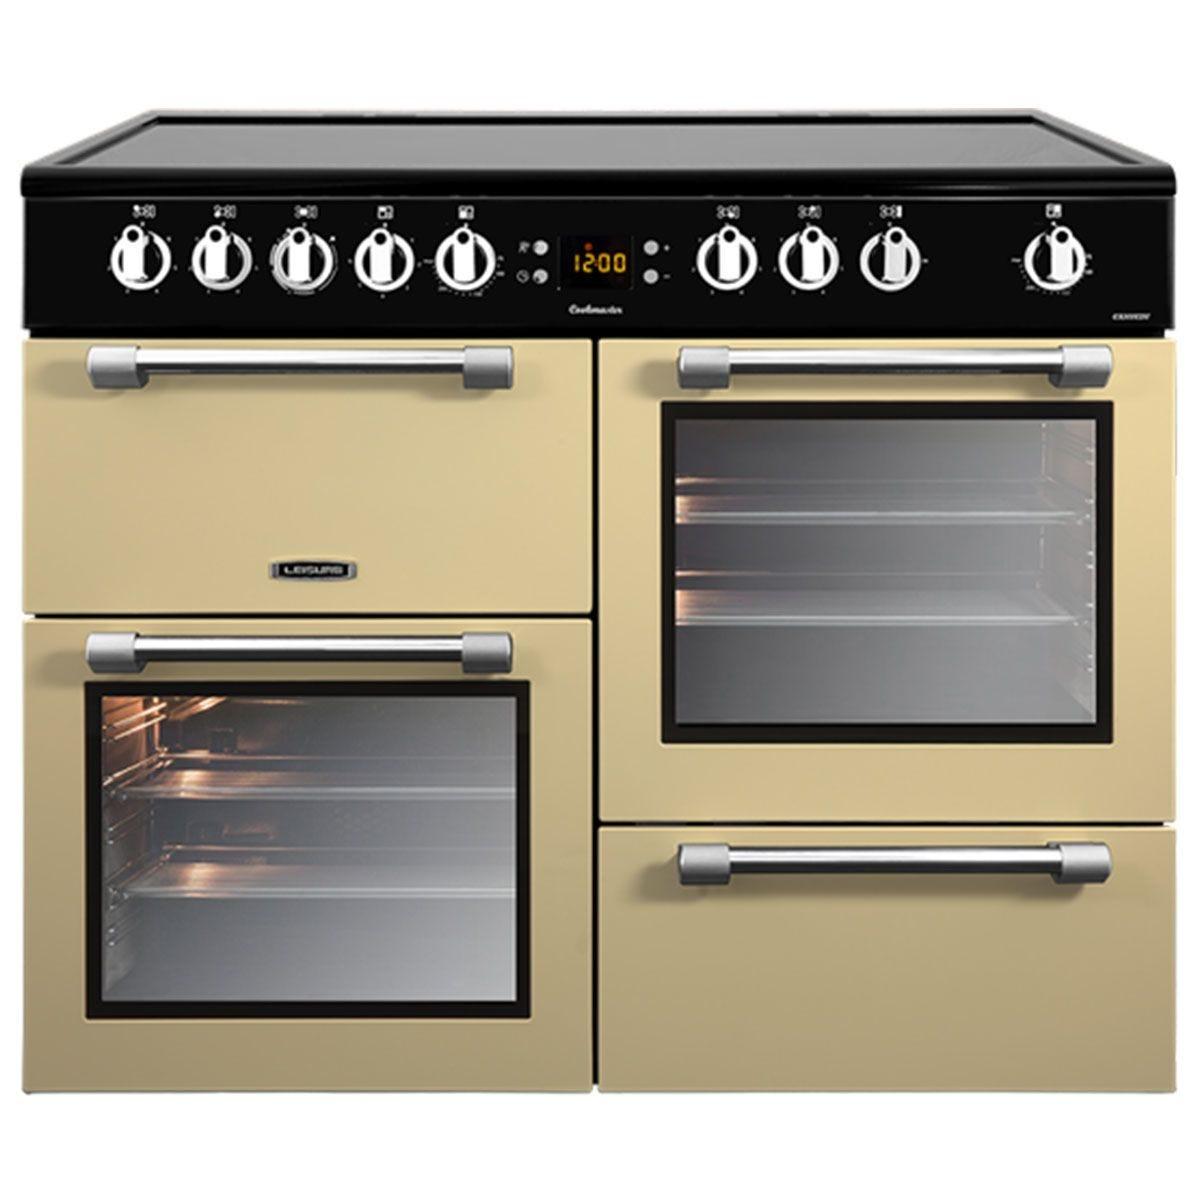 Leisure CK100C210C 100cm Cookmaster Electric Range Cooker - Cream